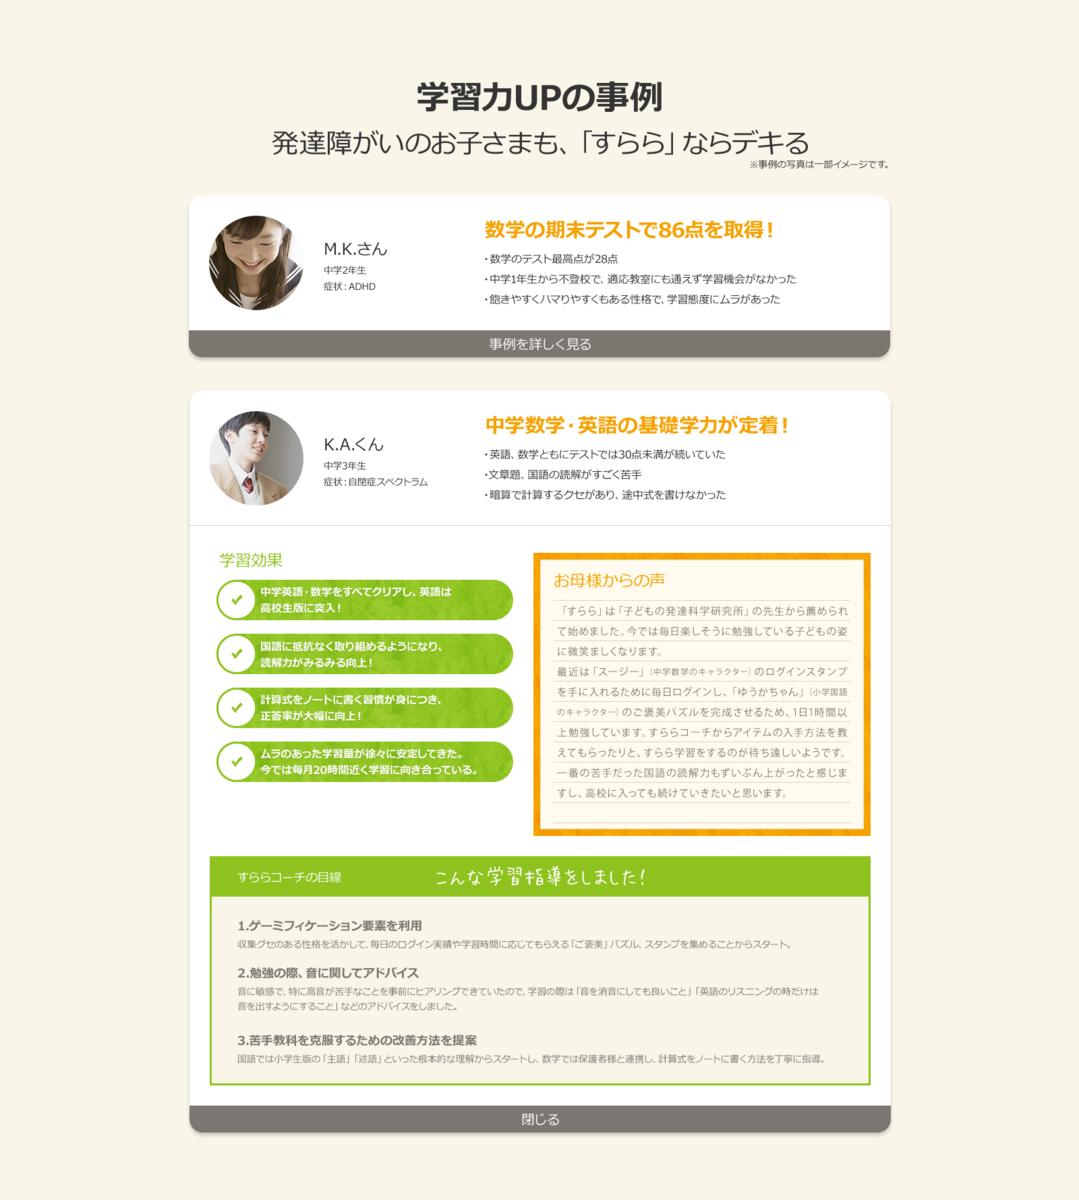 f:id:ryu_turizuki:20191006222701p:plain